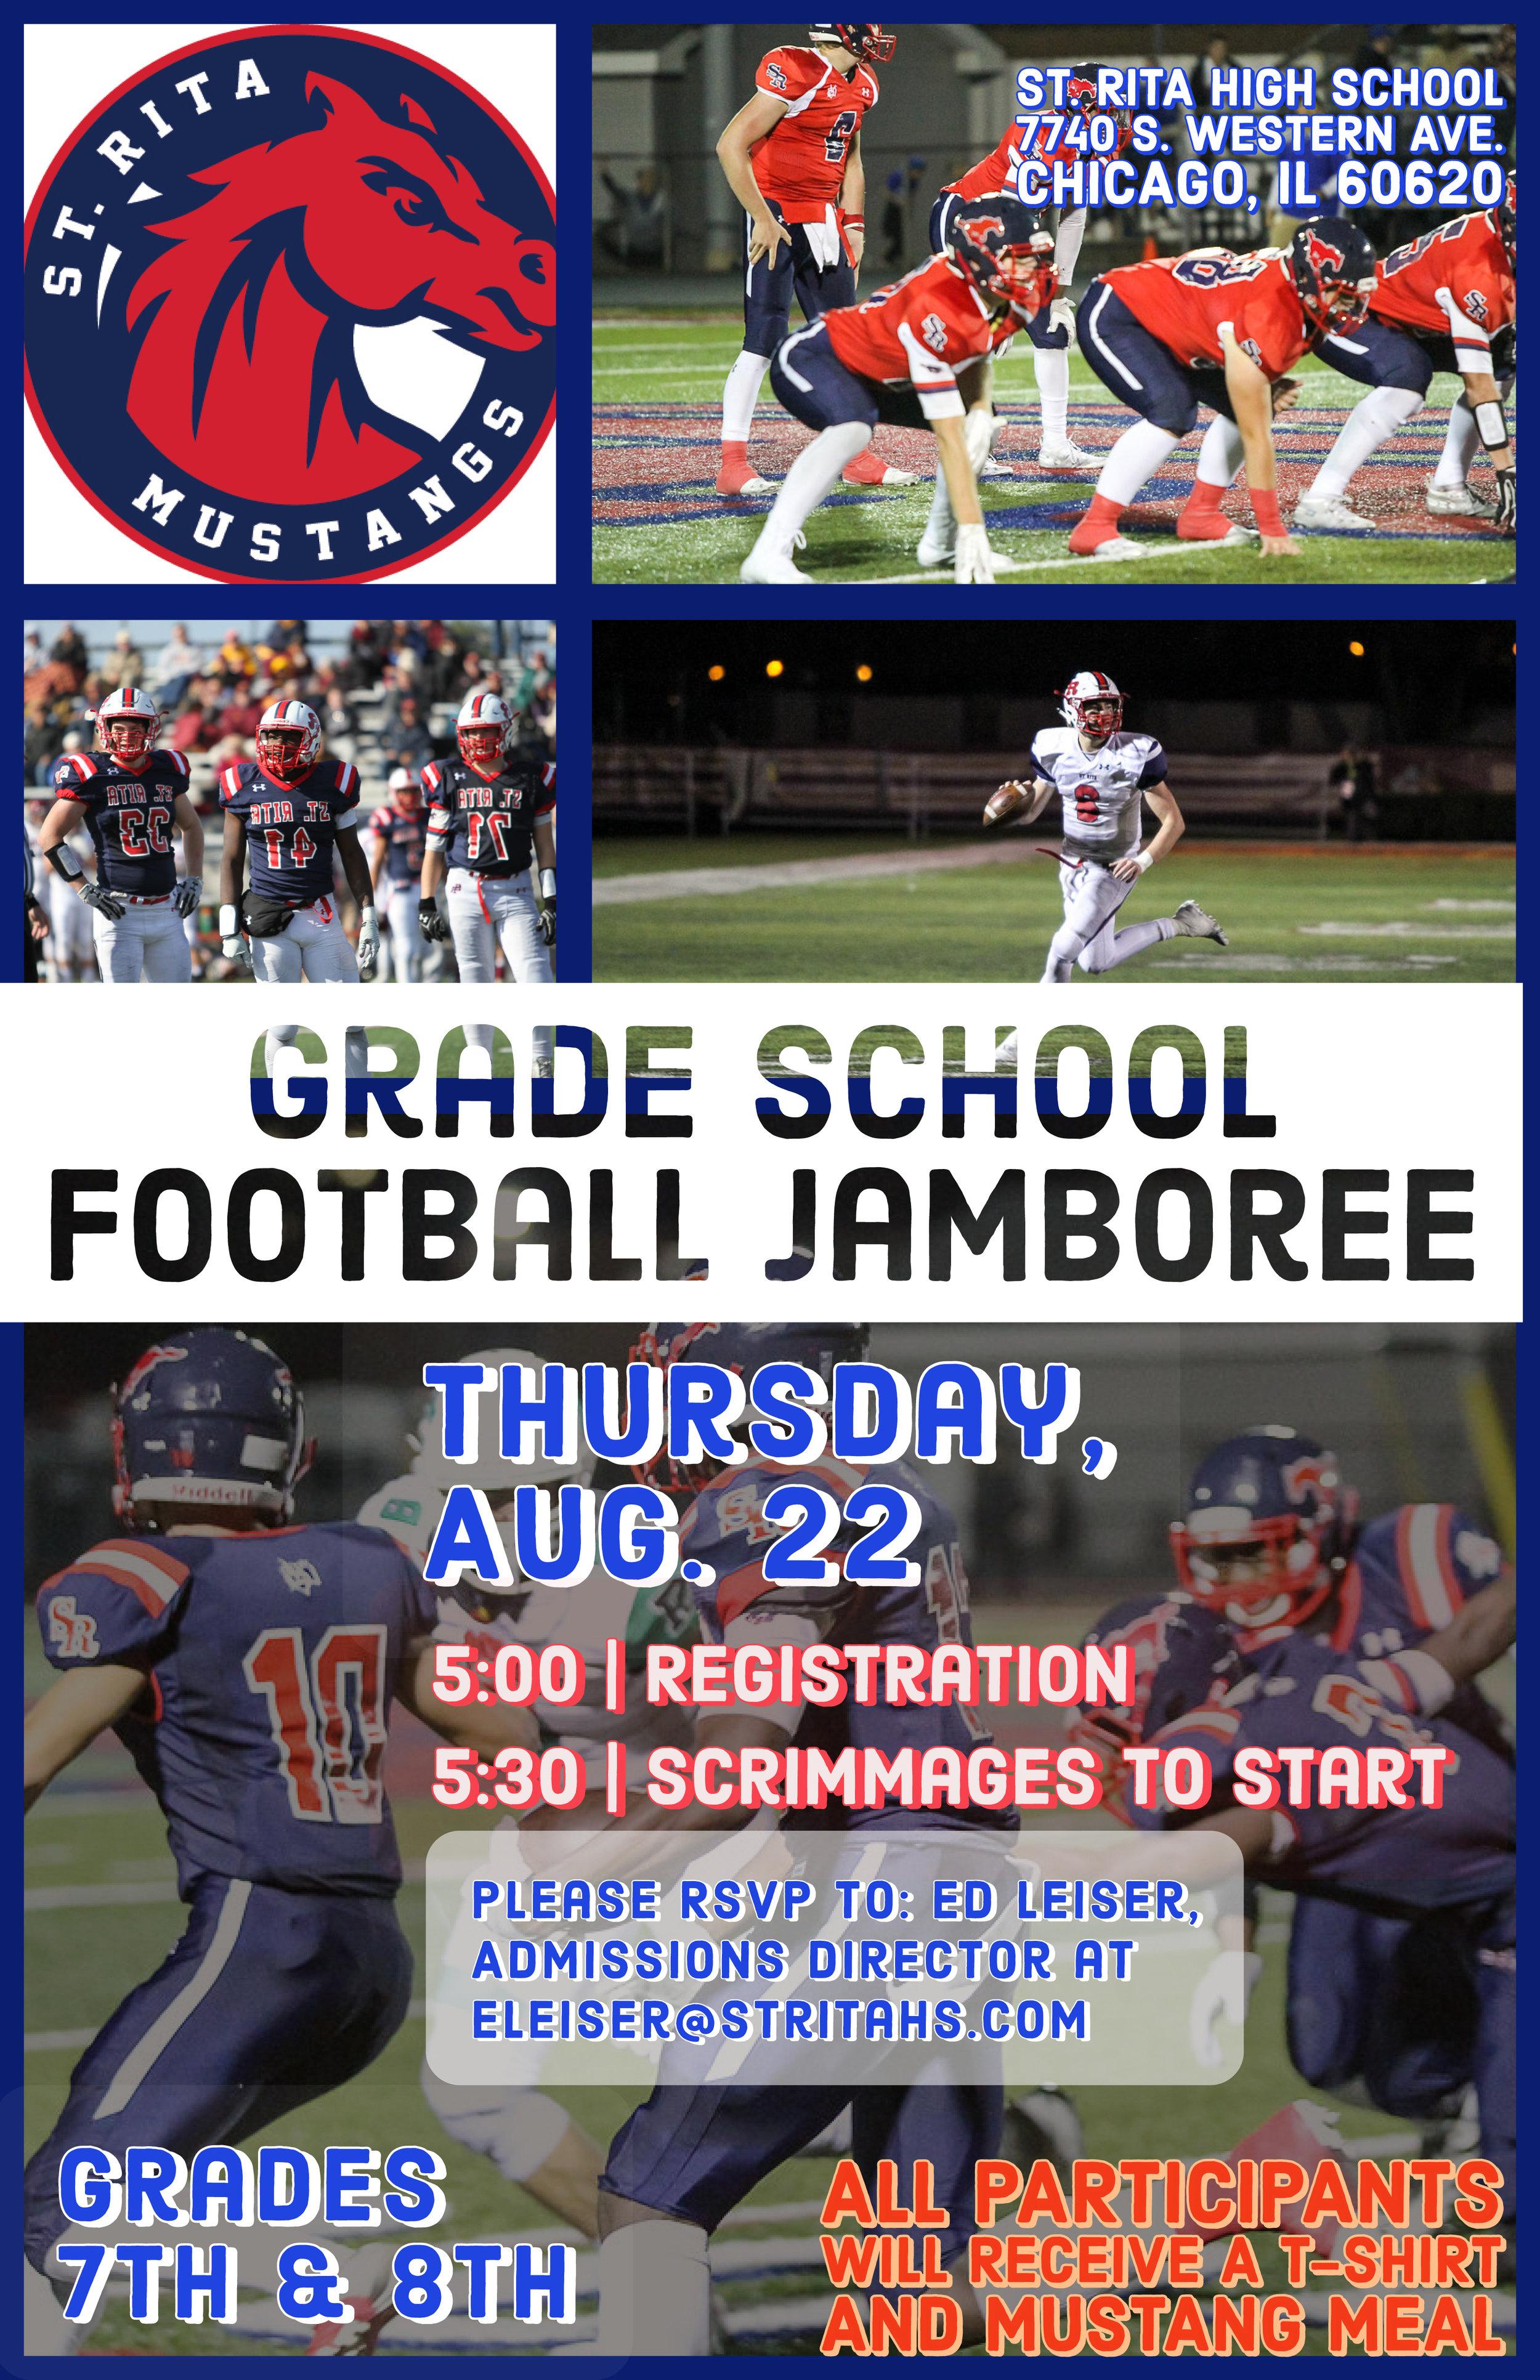 Grade School Football Jamboree.jpg